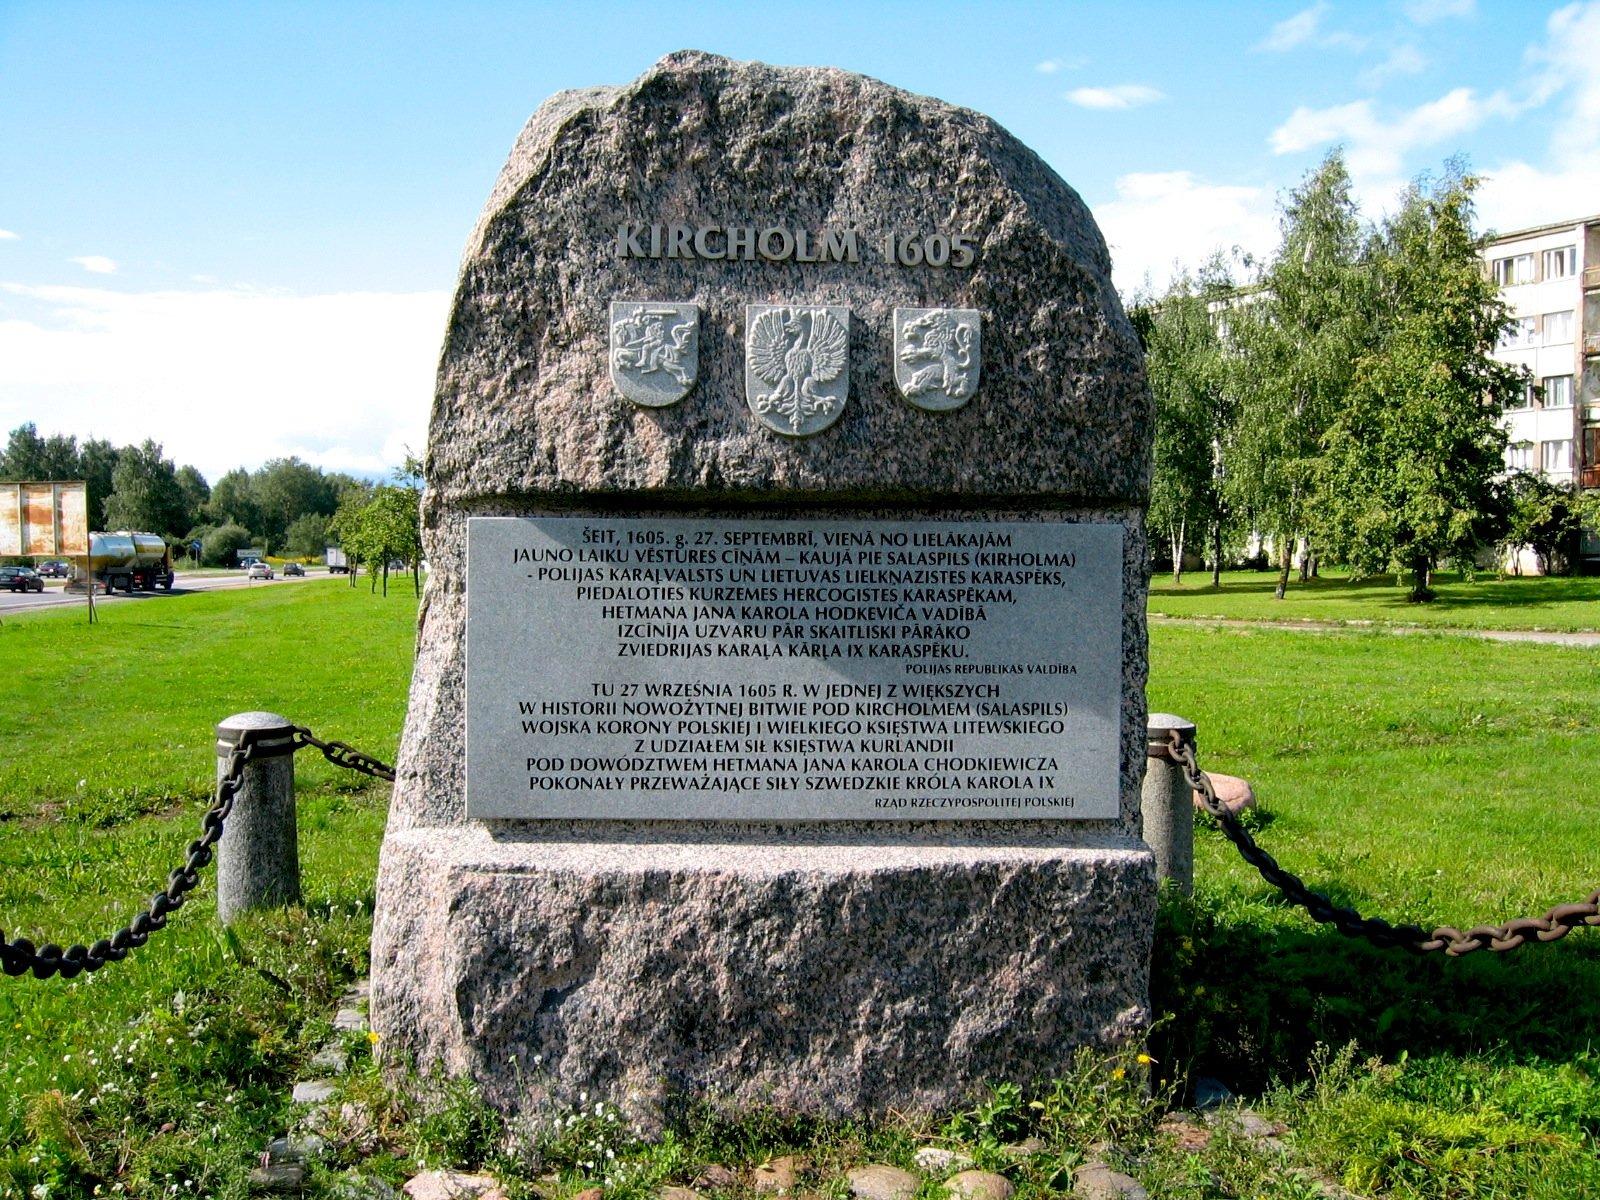 Pomnik bitwy podKircholmem wSalaspils k. Rygi znapisami łotewskim ipolskim orazherbami Litwy, Polski iKurlandii